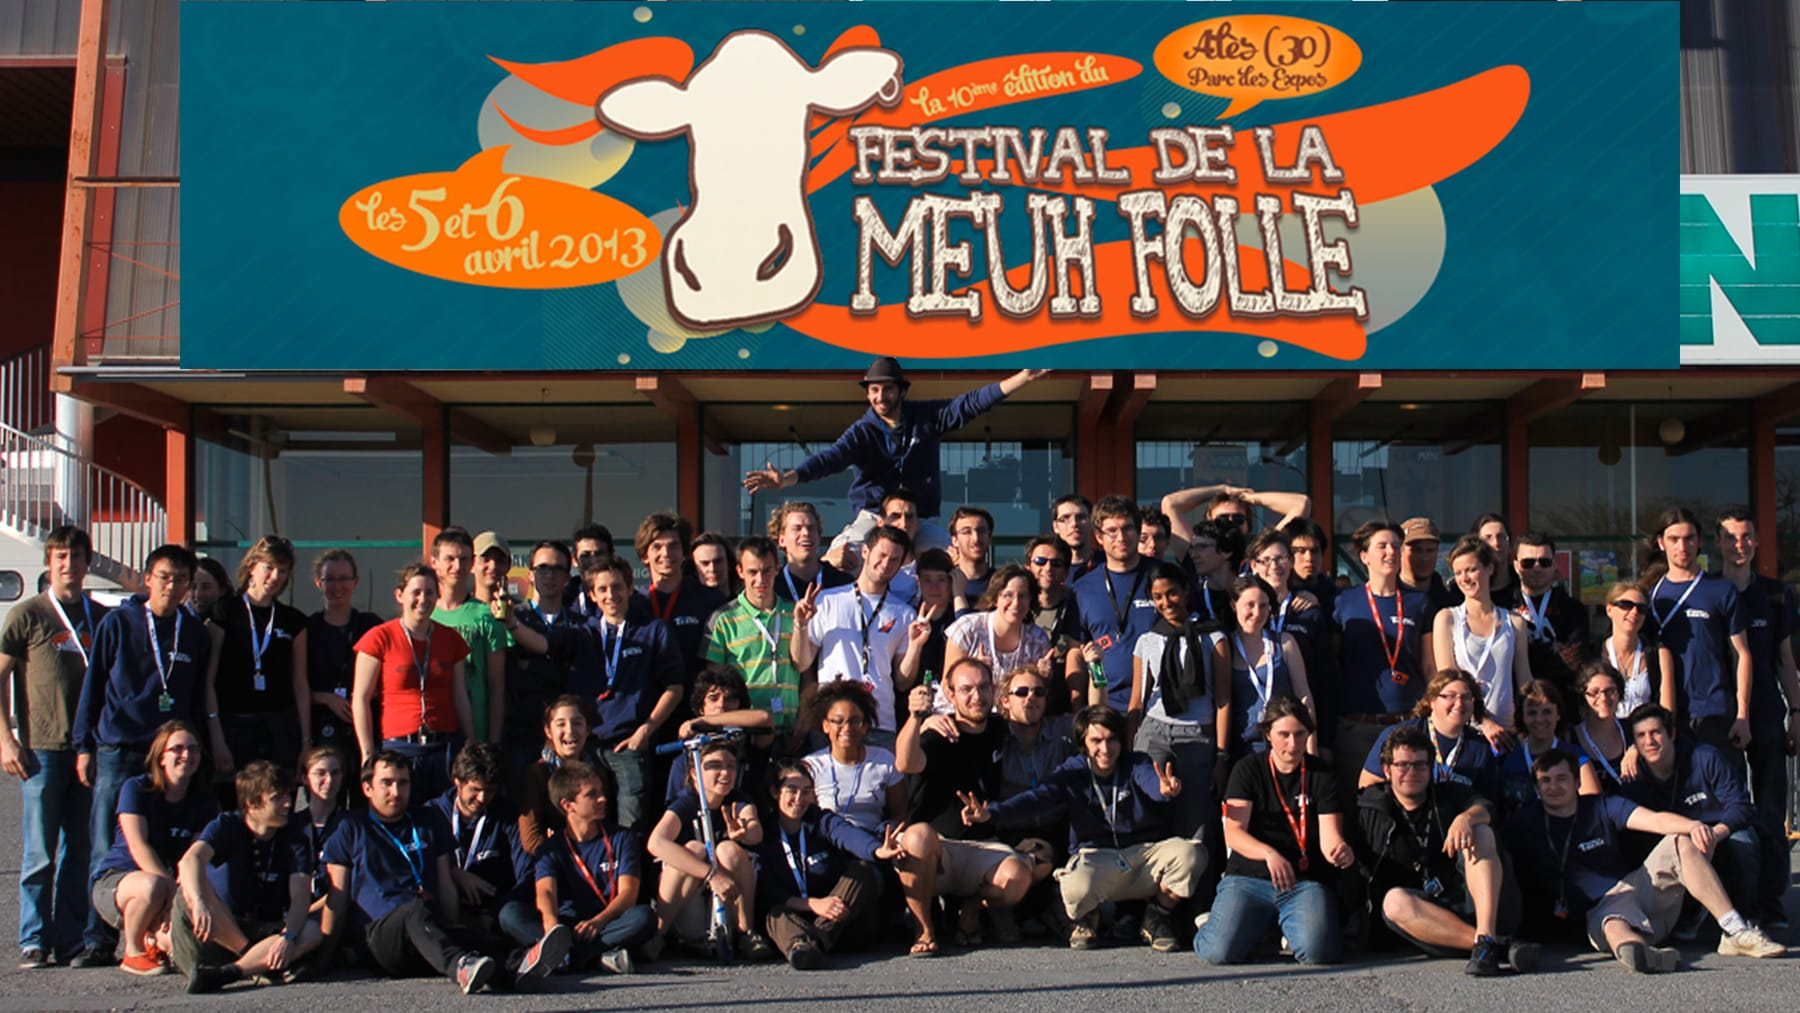 Le festival de la Meuh Folle est un événement organisé par des élèves de l'École des Mines d'Alès.